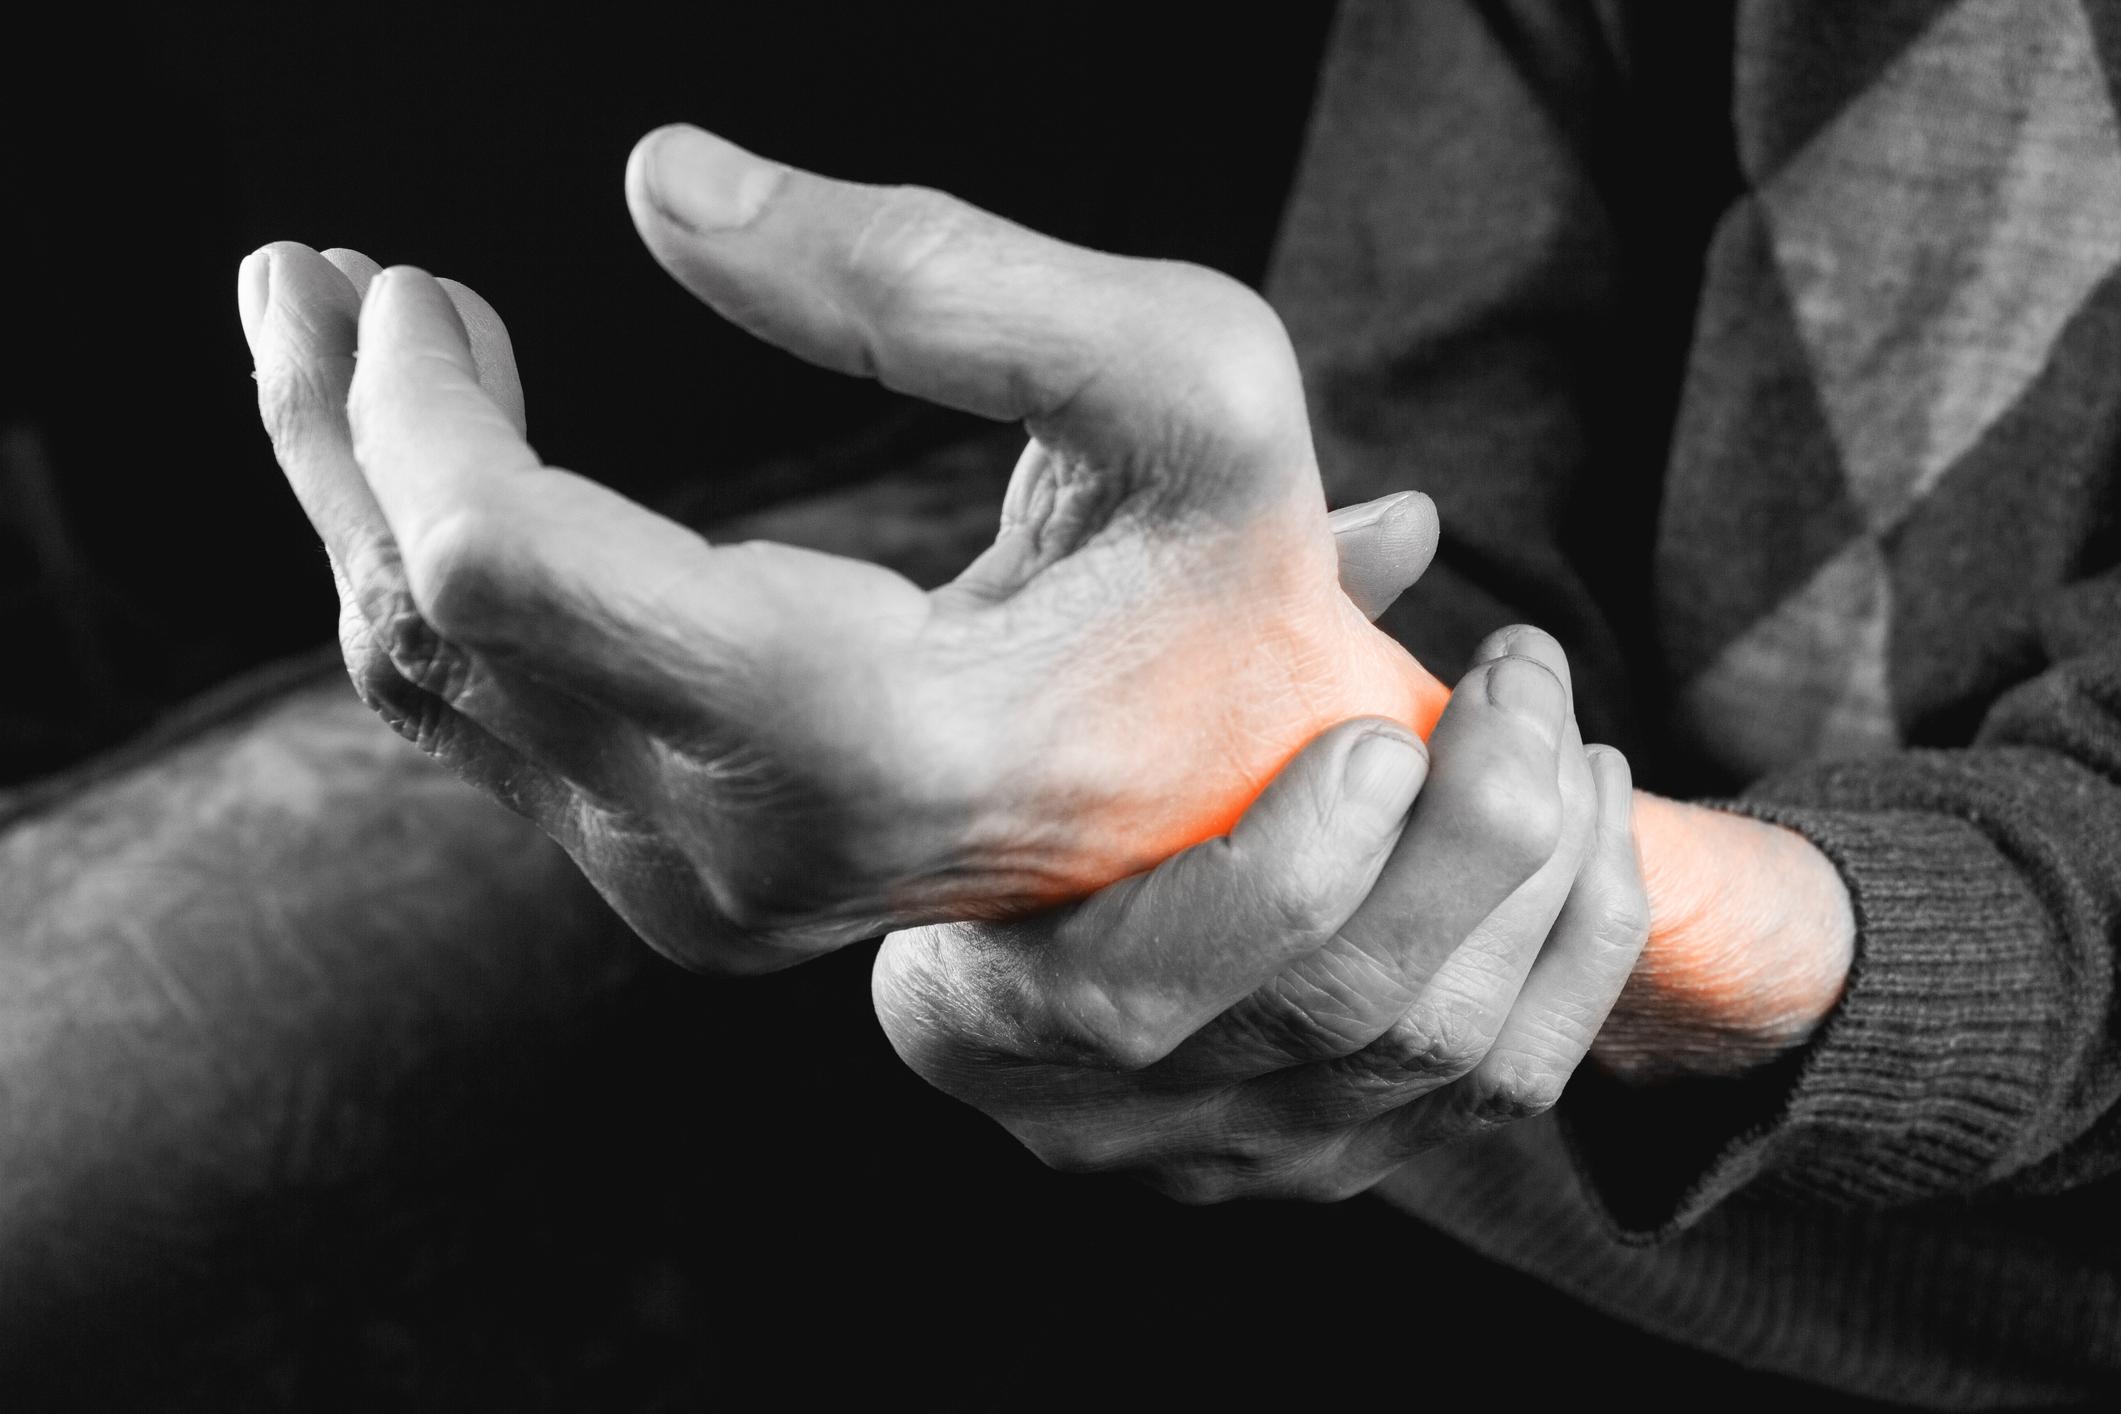 semne ale artrozei tratamentului mâinilor)